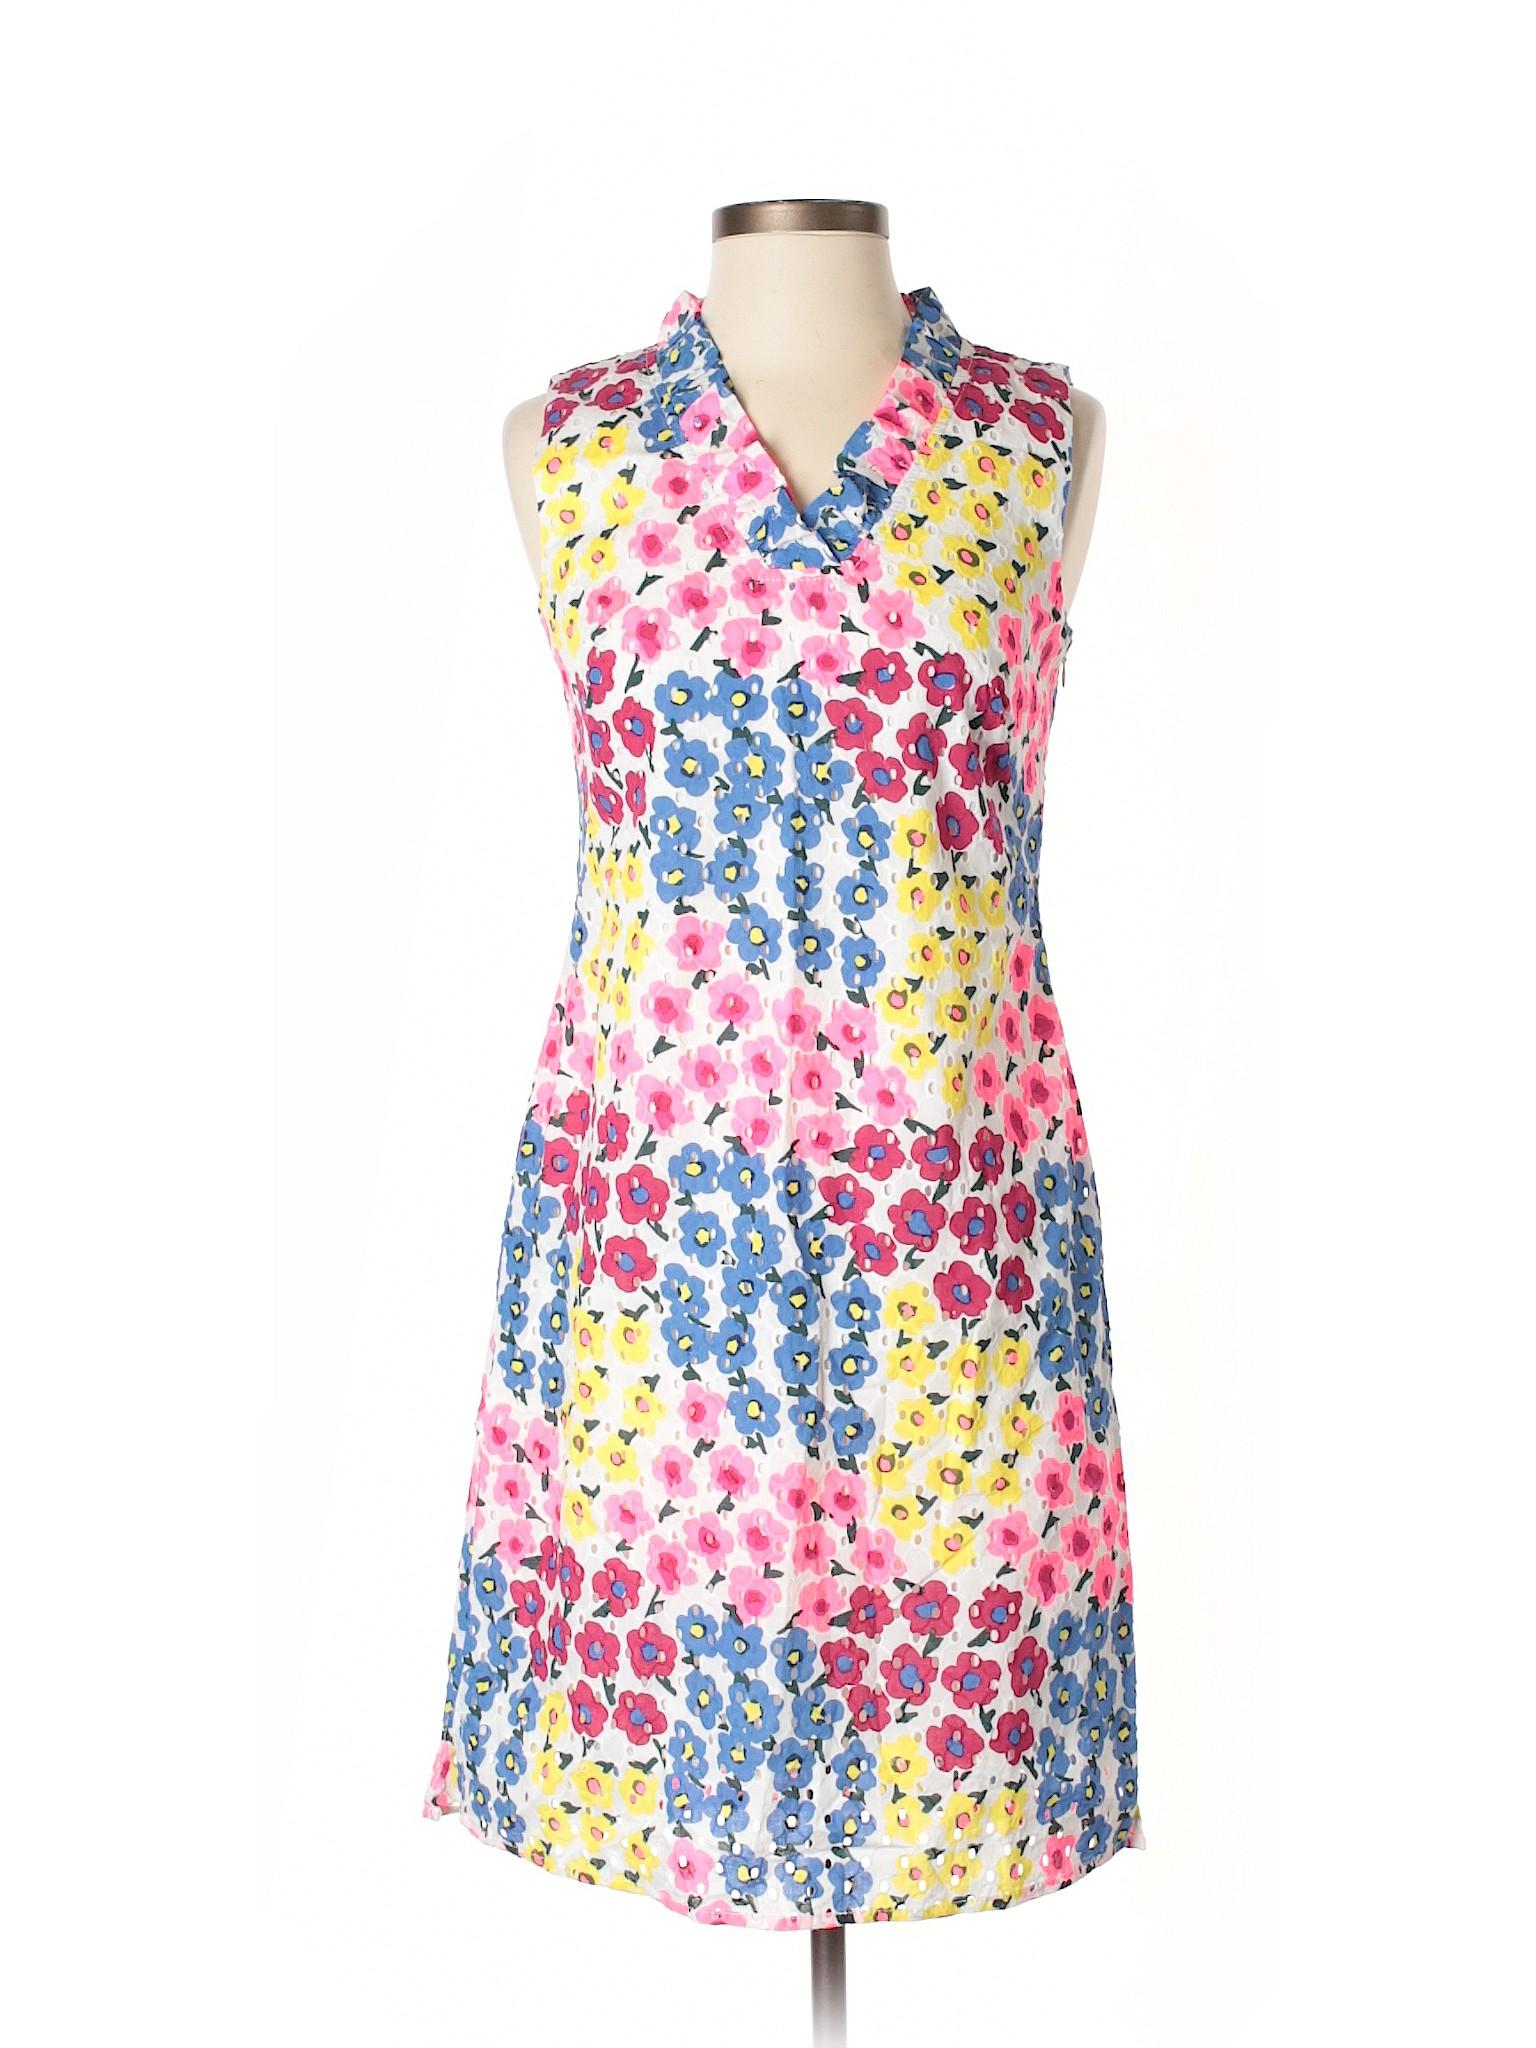 Talbots Boutique Dress Casual winter winter Boutique qRrwtR0